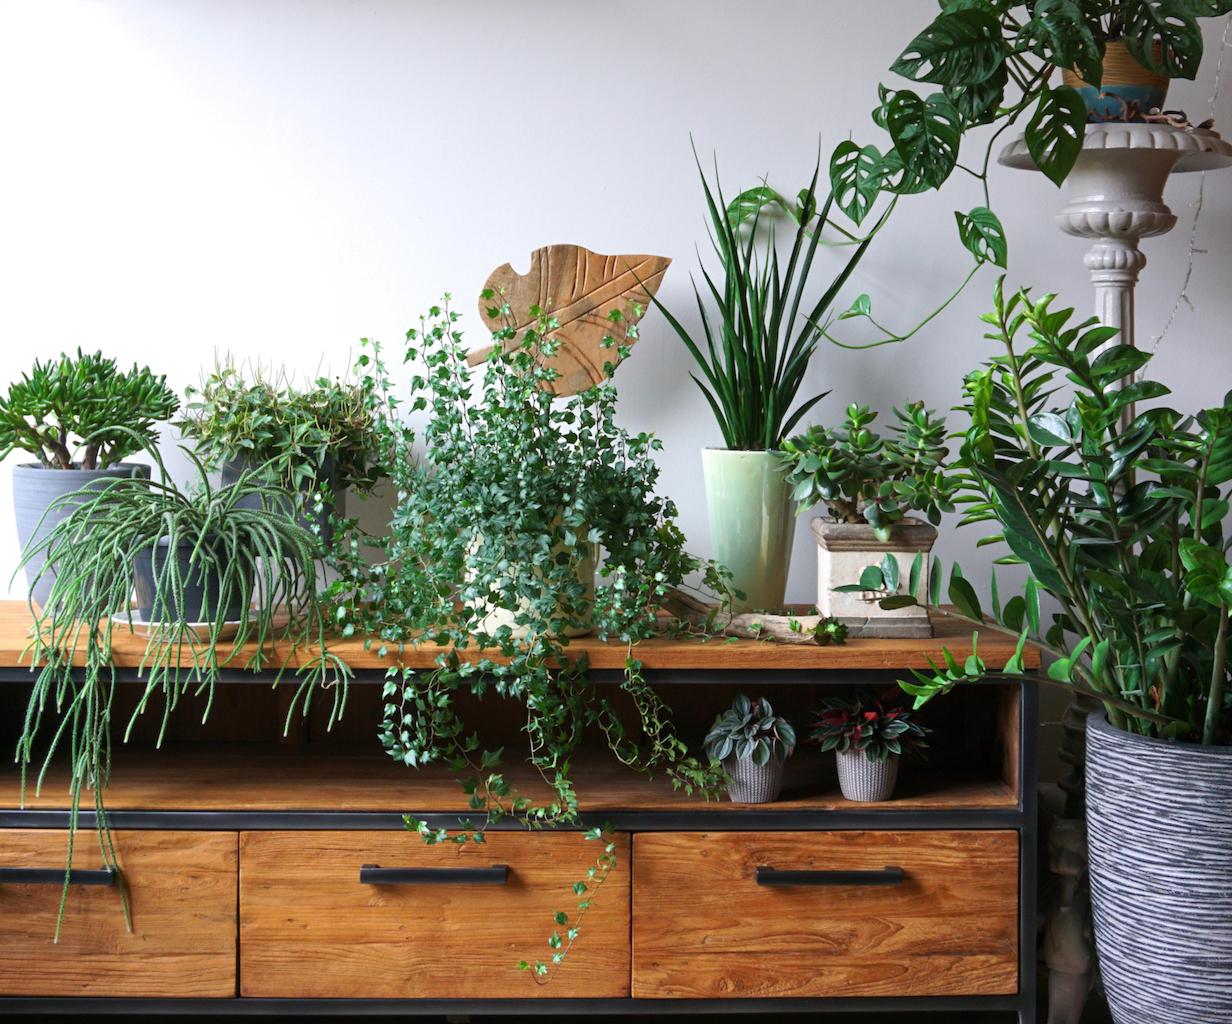 Создать прохладу в комнате могут и комнатные растения, они хорошо очищают воздух. Кроме того, растения сейчас очень востребованы в интерьерах